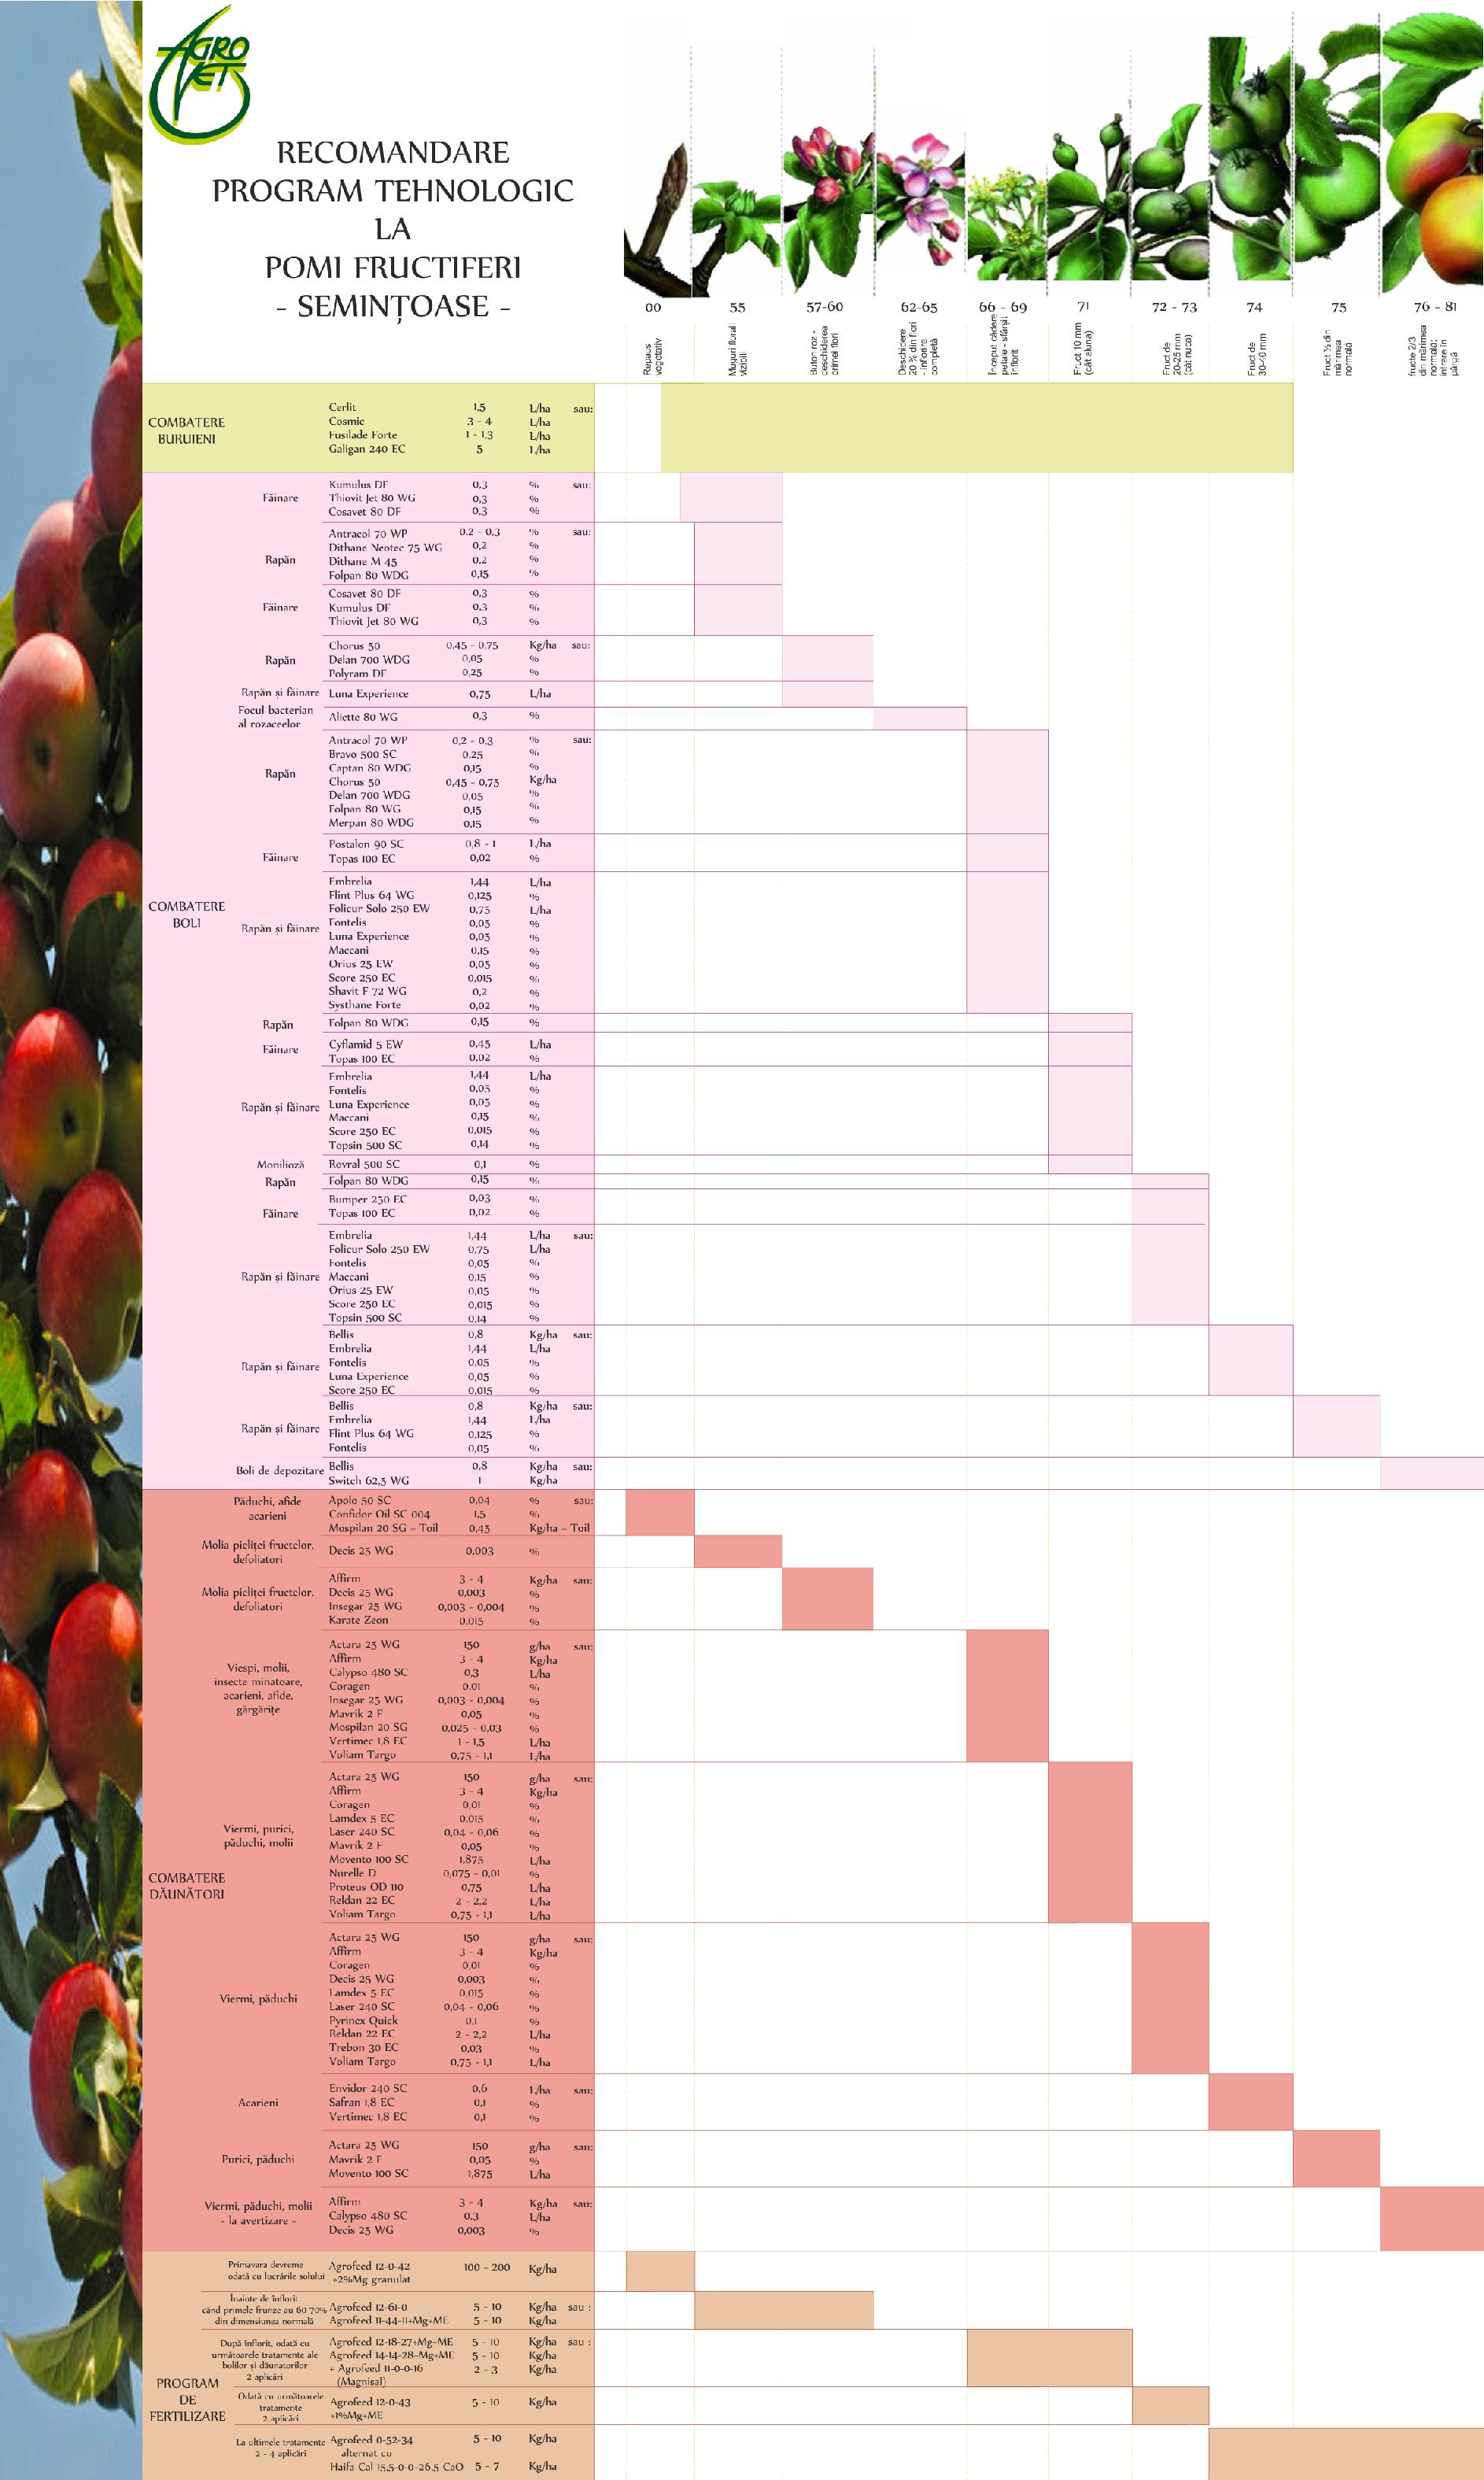 pomi-fructiferi-semintoase-2017